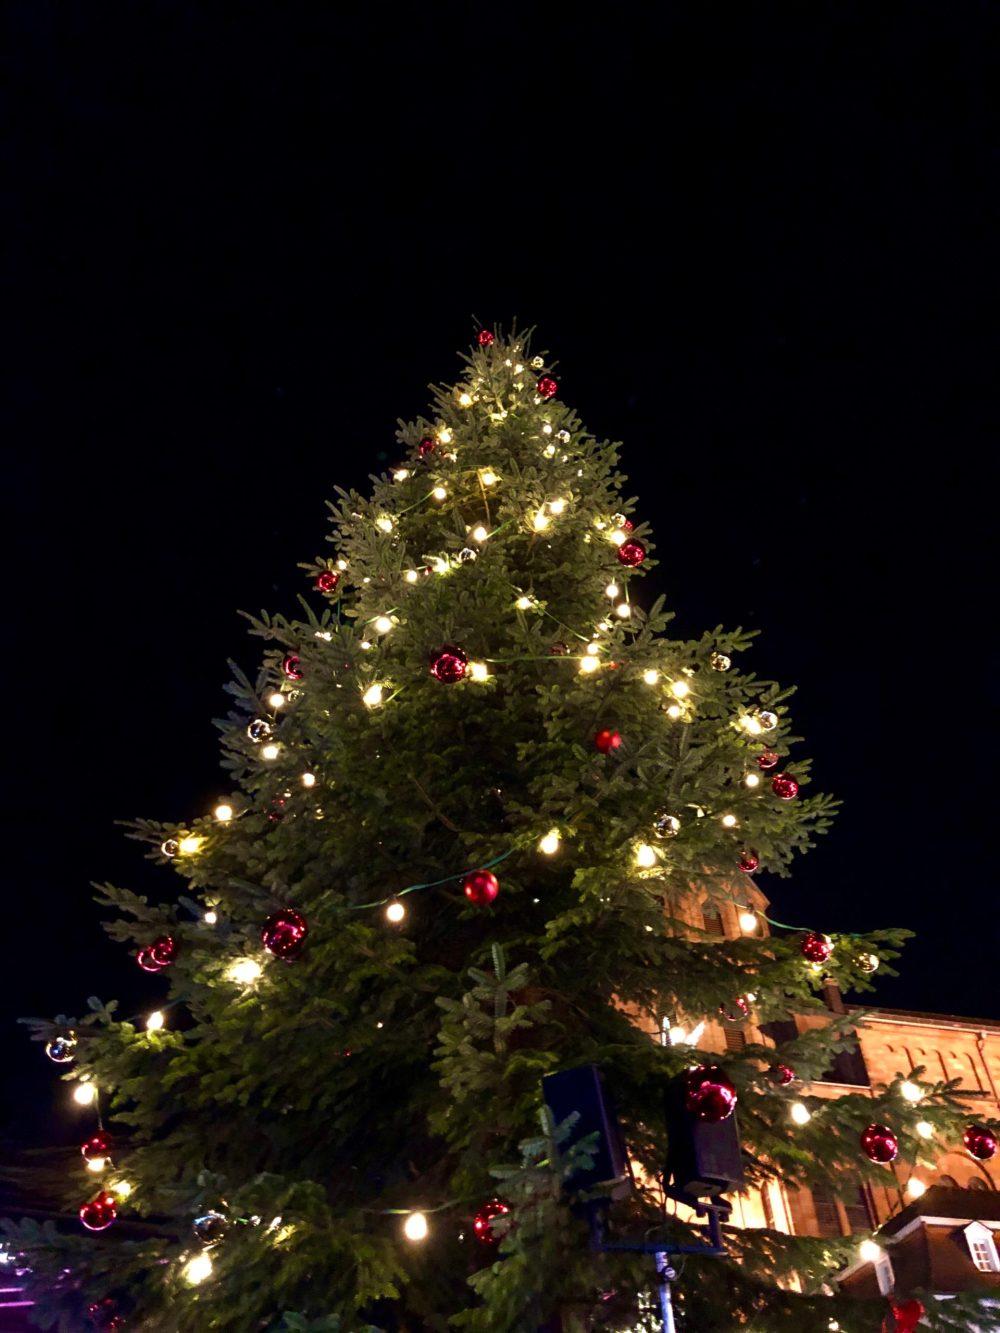 Beleuchteter Weihnachtsbaum mit roten Kugeln auf einem Weihnachtsmarkt